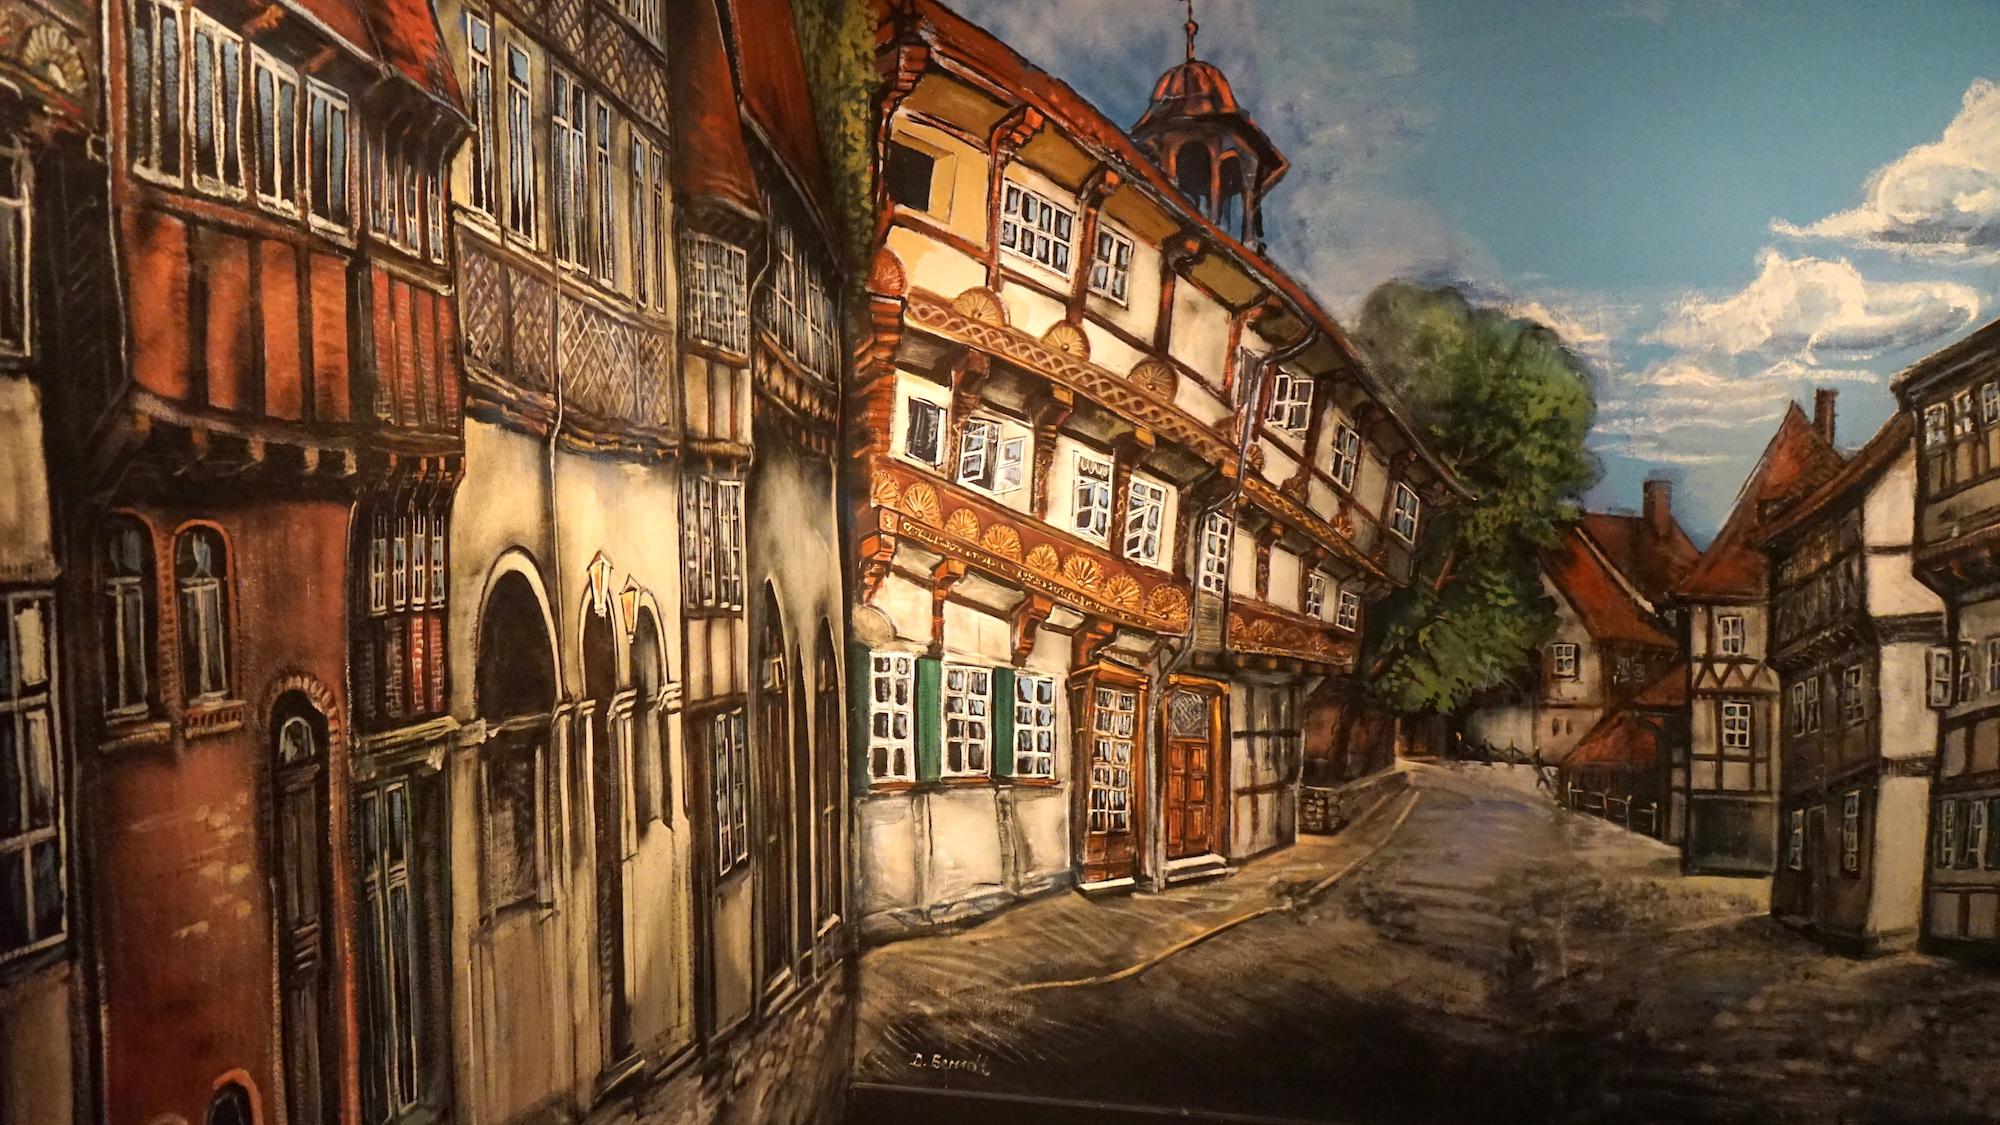 Wandgemälde im Treppenhaus des Heimatmuseums Hornburg: Blick in die Wasserstraße / Beate Ziehres